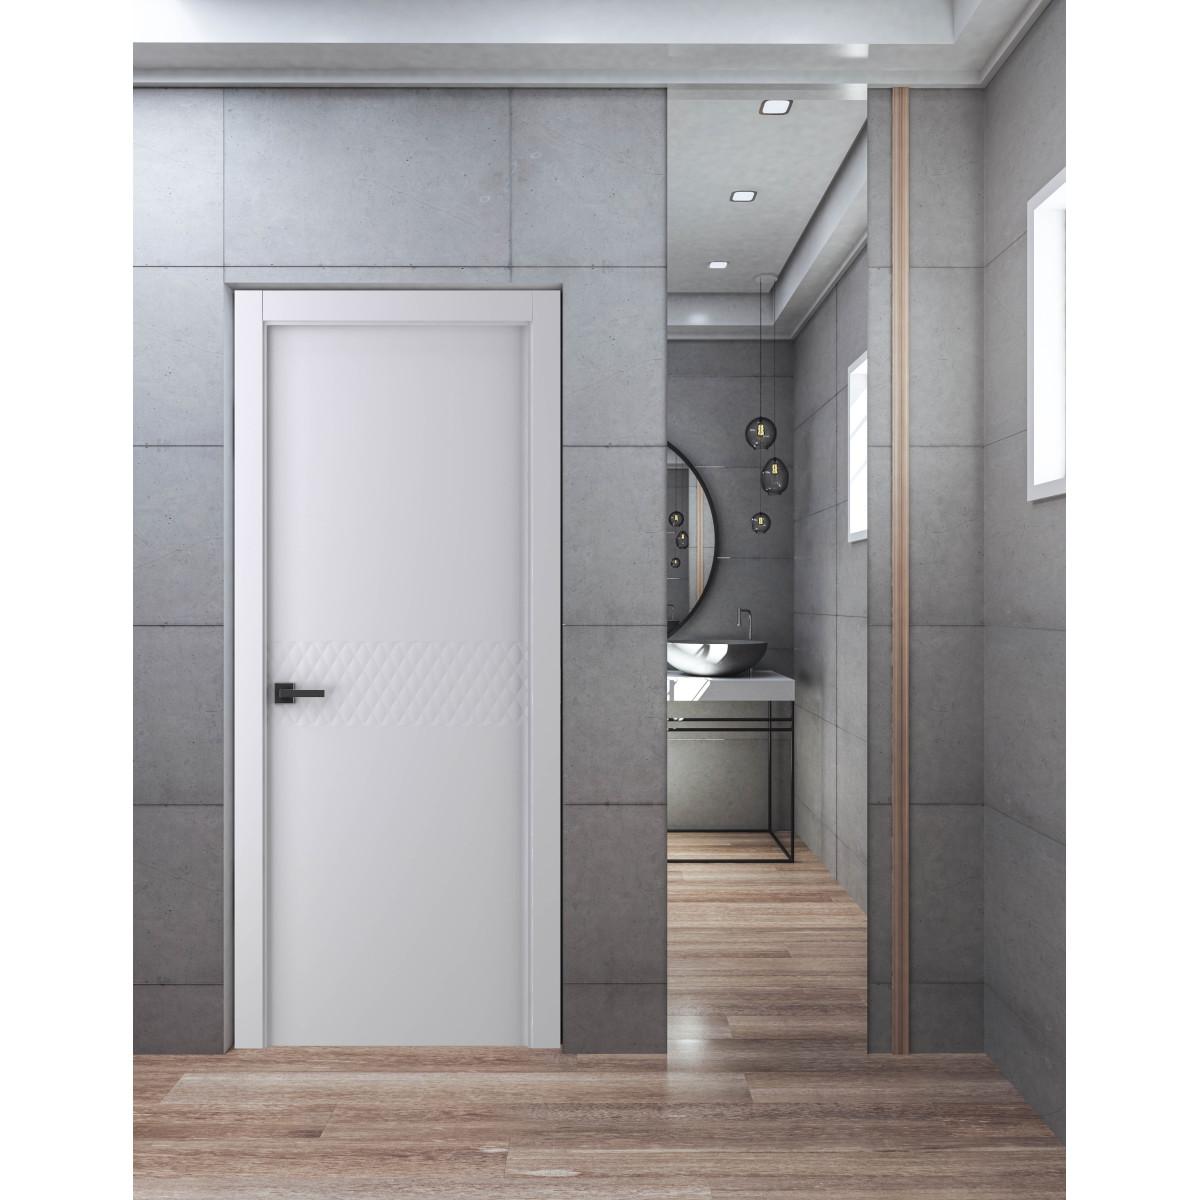 Дверь Межкомнатная Глухая С Замком В Комплекте Аттика 60x200 Экошпон Цвет Белый